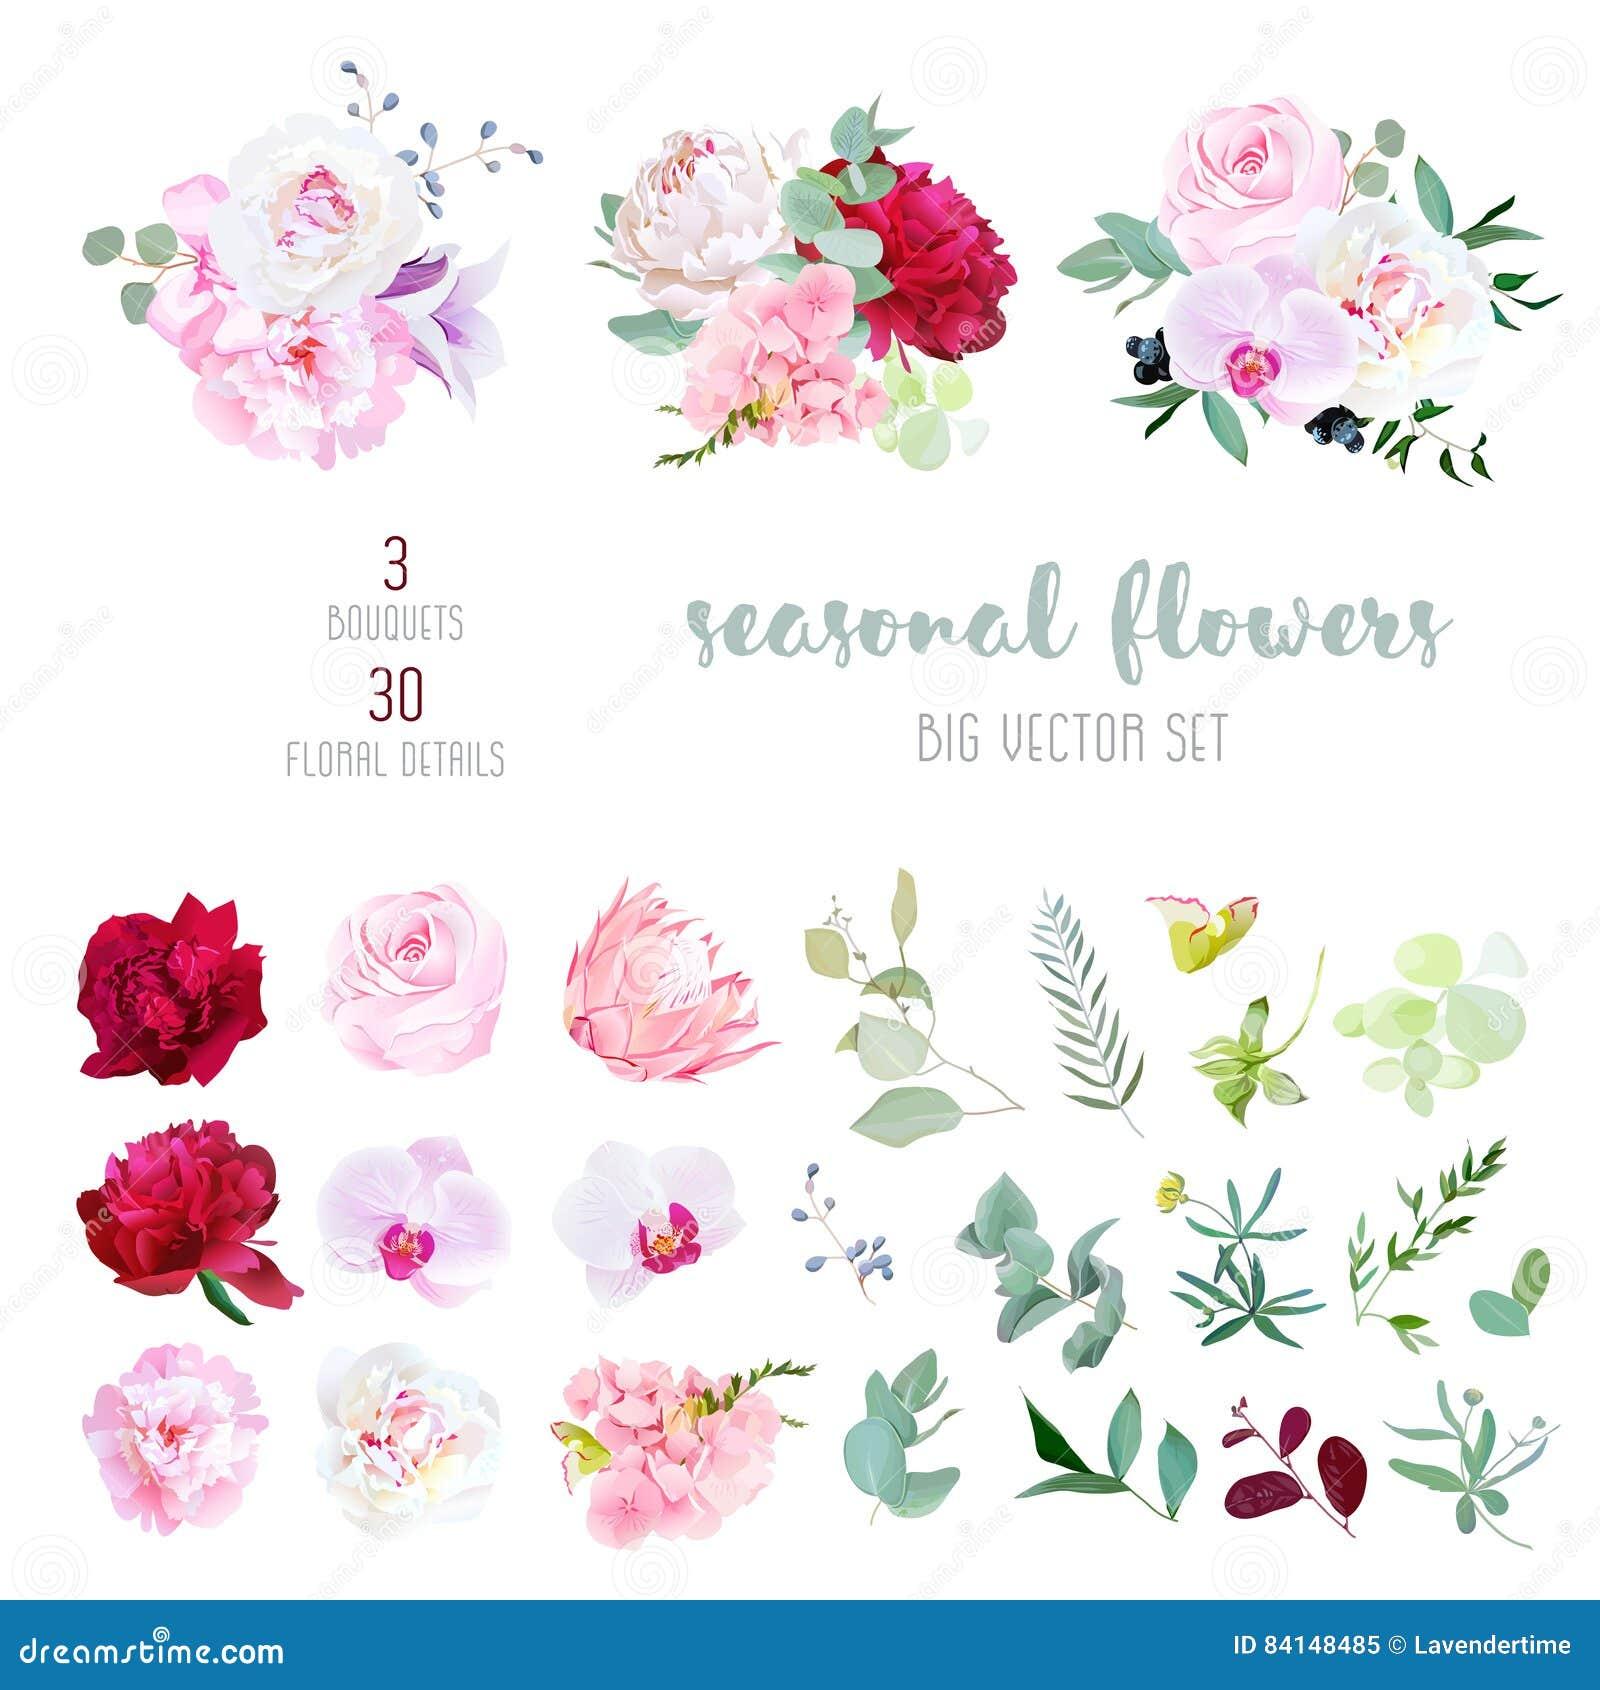 La rosa del rosa, el blanco y la peonía roja de Borgoña, protea, orquídea violeta, hortensia, campánula florece